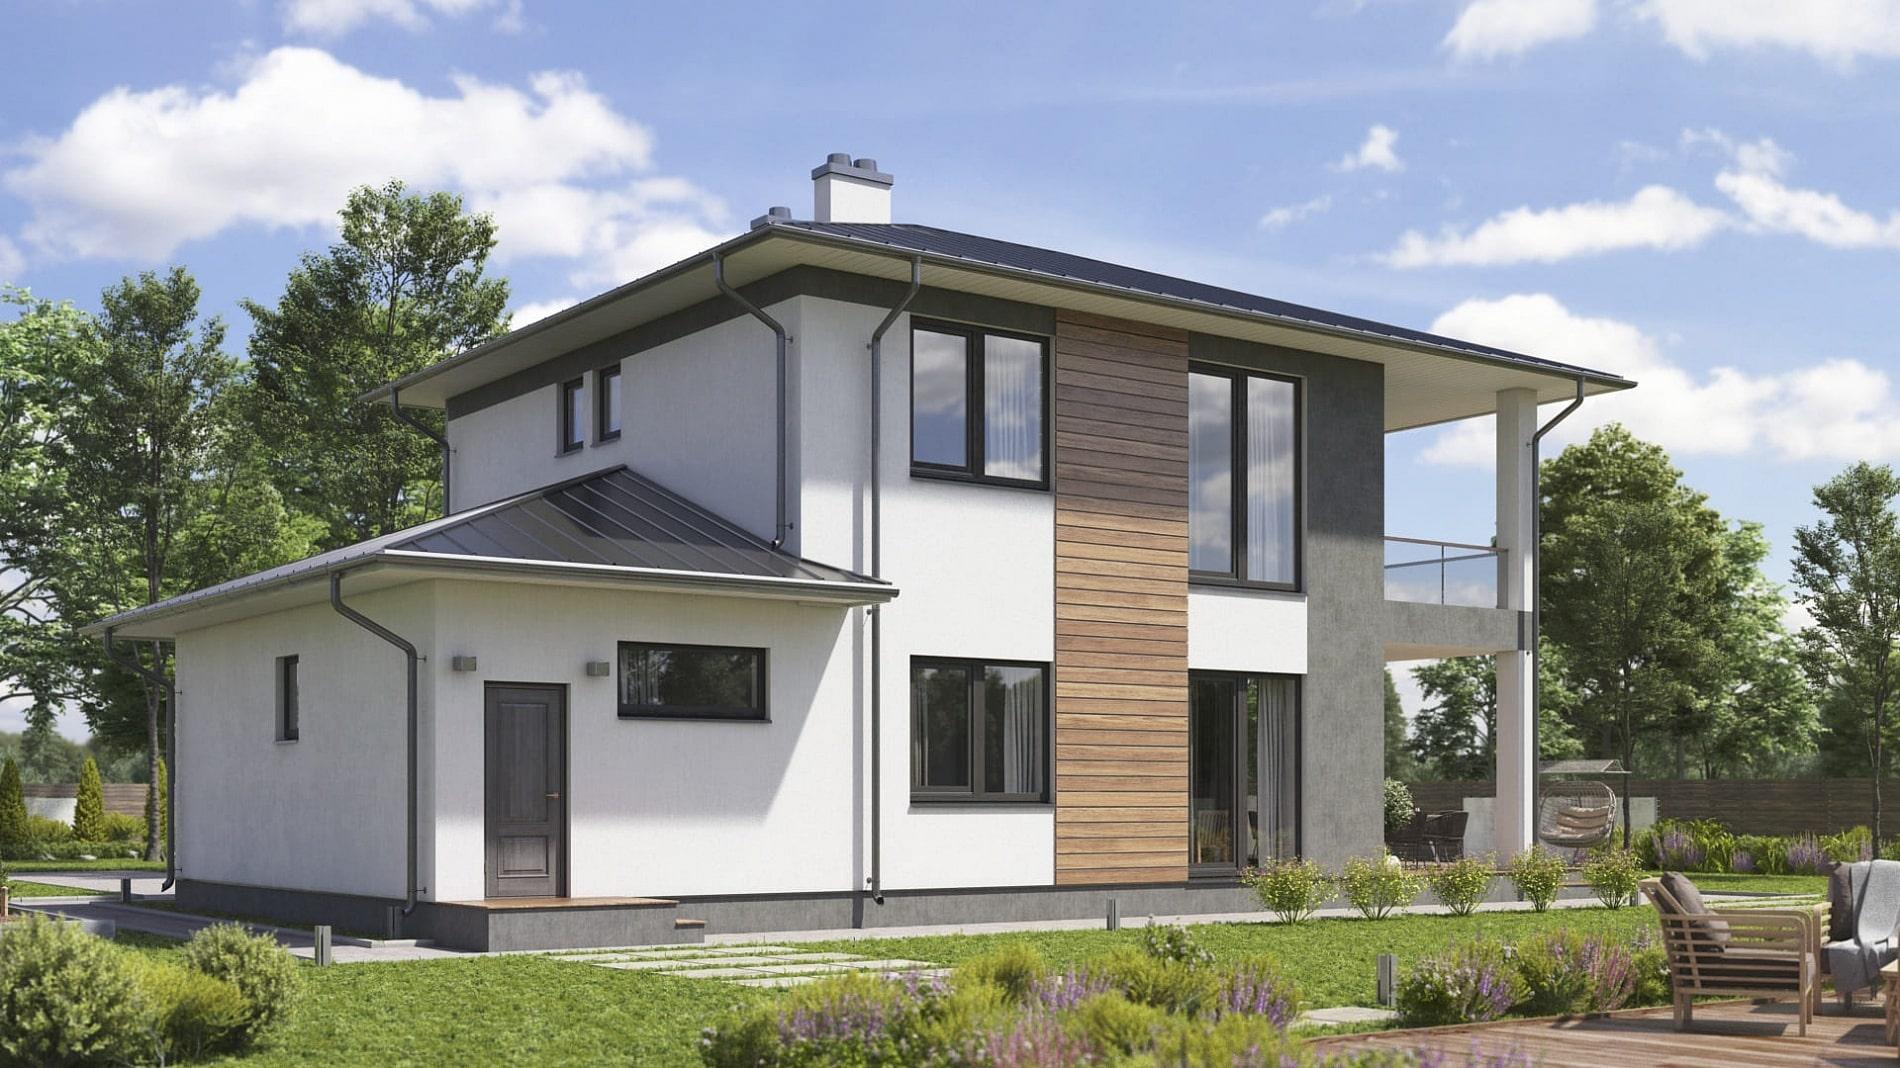 проект дома Свенборг в современном стиле